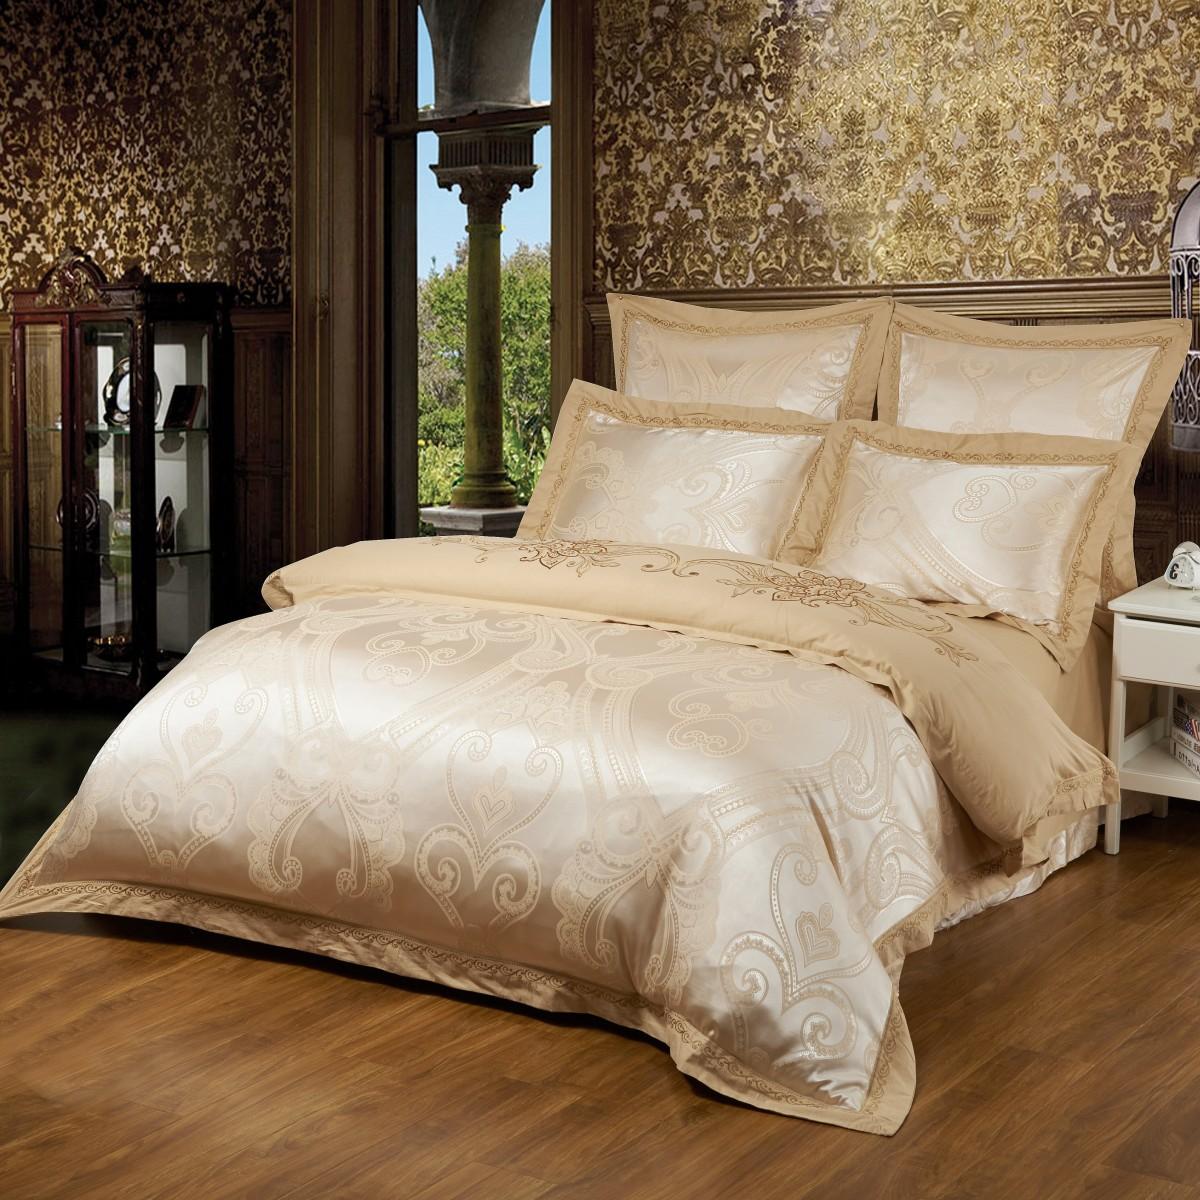 Комплект постельного бельяДвуспальные комплекты постельного белья<br>Роскошное постельное белье для обладателей изысканного вкуса.&amp;amp;nbsp;&amp;lt;div&amp;gt;&amp;lt;br&amp;gt;&amp;lt;/div&amp;gt;&amp;lt;div&amp;gt;В комплект входит:&amp;lt;/div&amp;gt;&amp;lt;div&amp;gt;Пододеяльник: 220х200 см (1шт)&amp;amp;nbsp;&amp;lt;/div&amp;gt;&amp;lt;div&amp;gt;Простыня: 230х250 см (1шт)&amp;amp;nbsp;&amp;lt;/div&amp;gt;&amp;lt;div&amp;gt;Наволочки: 50х70 см (2шт); 70х70 см (2шт)&amp;lt;/div&amp;gt;&amp;lt;div&amp;gt;&amp;lt;br&amp;gt;&amp;lt;/div&amp;gt;<br><br>Material: Сатин<br>Length см: 220<br>Width см: 200